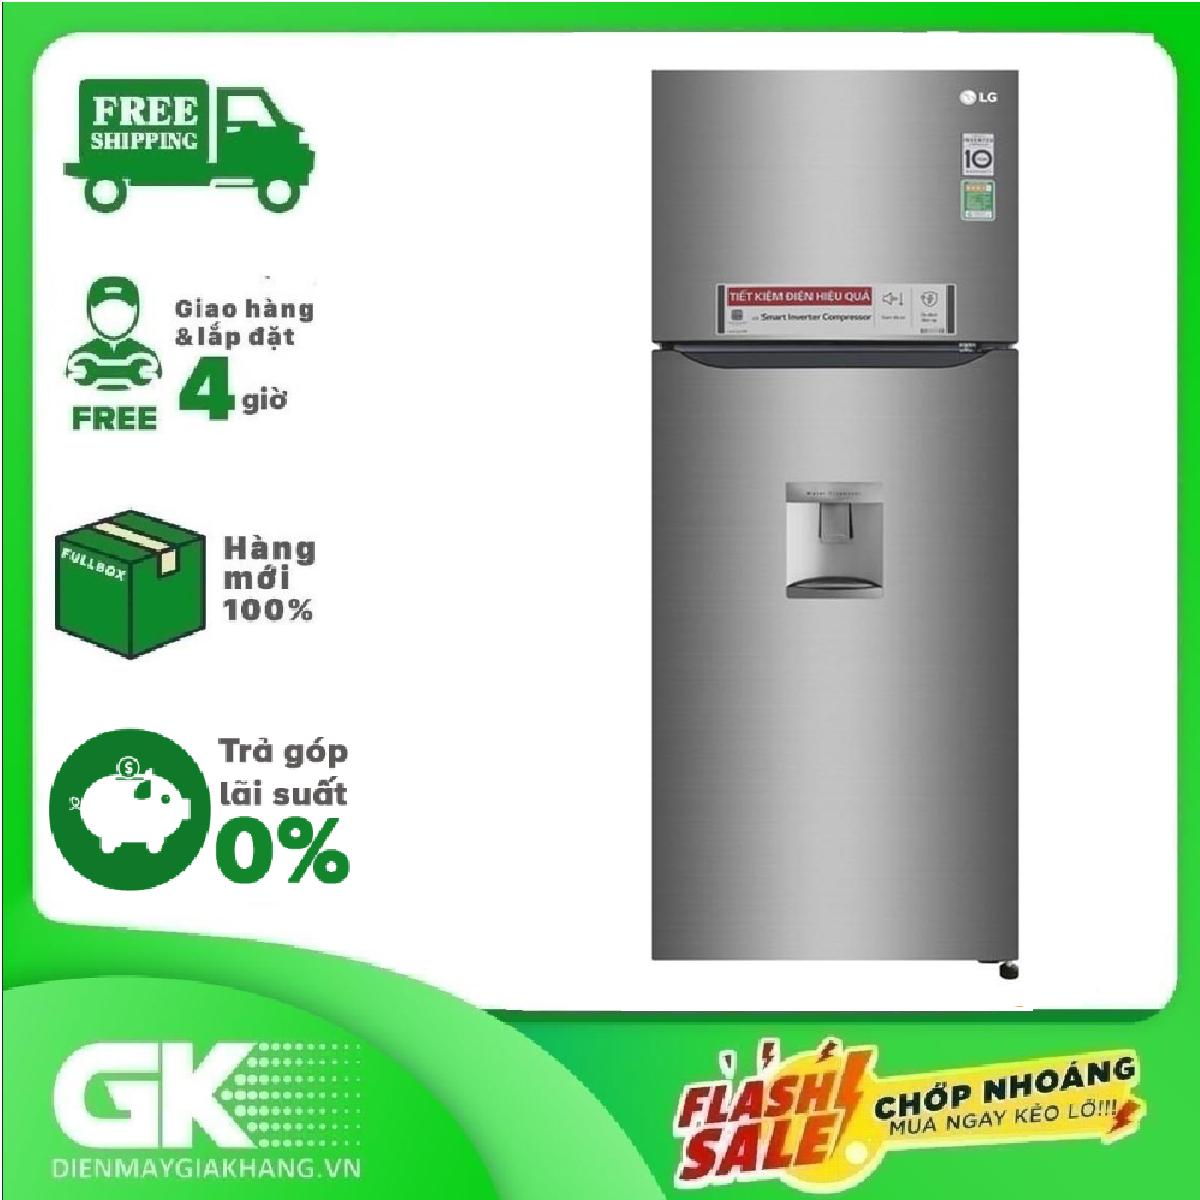 TRẢ GÓP 0% – Tủ lạnh LG Inverter 315 lít GN-D315S